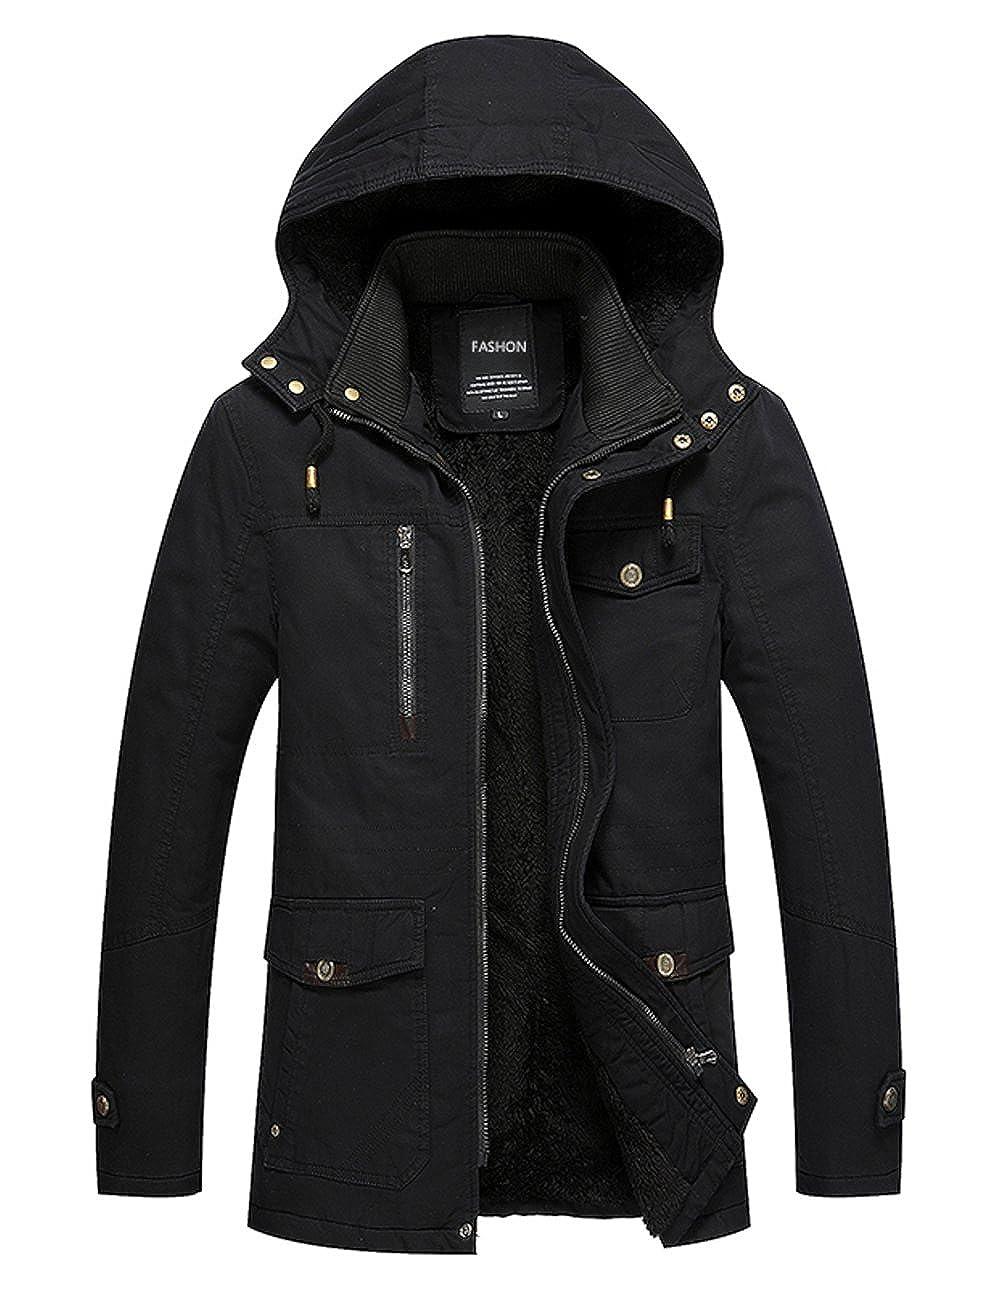 Menschwear Uomo Jacket Down Puffer Giacca foderato di pile Incappucciato Piumino S-XXXL US-CYX-178935